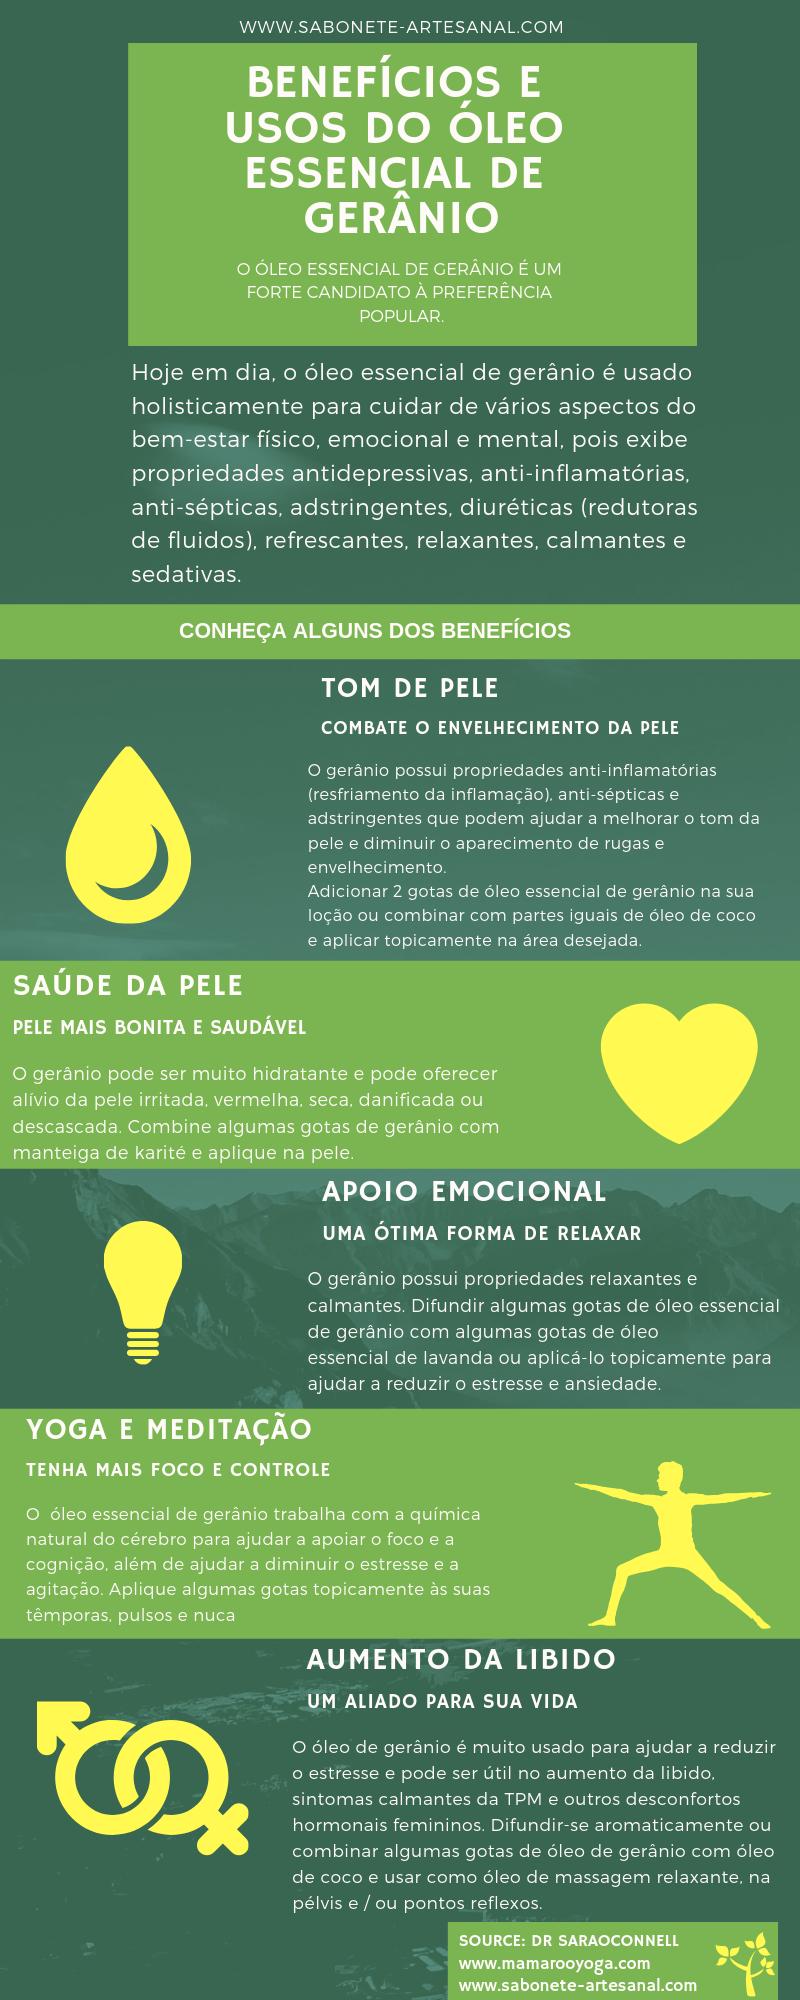 BENEFÍCIOS E USOS DO ÓLEO ESSENCIAL DE GERÂNIO